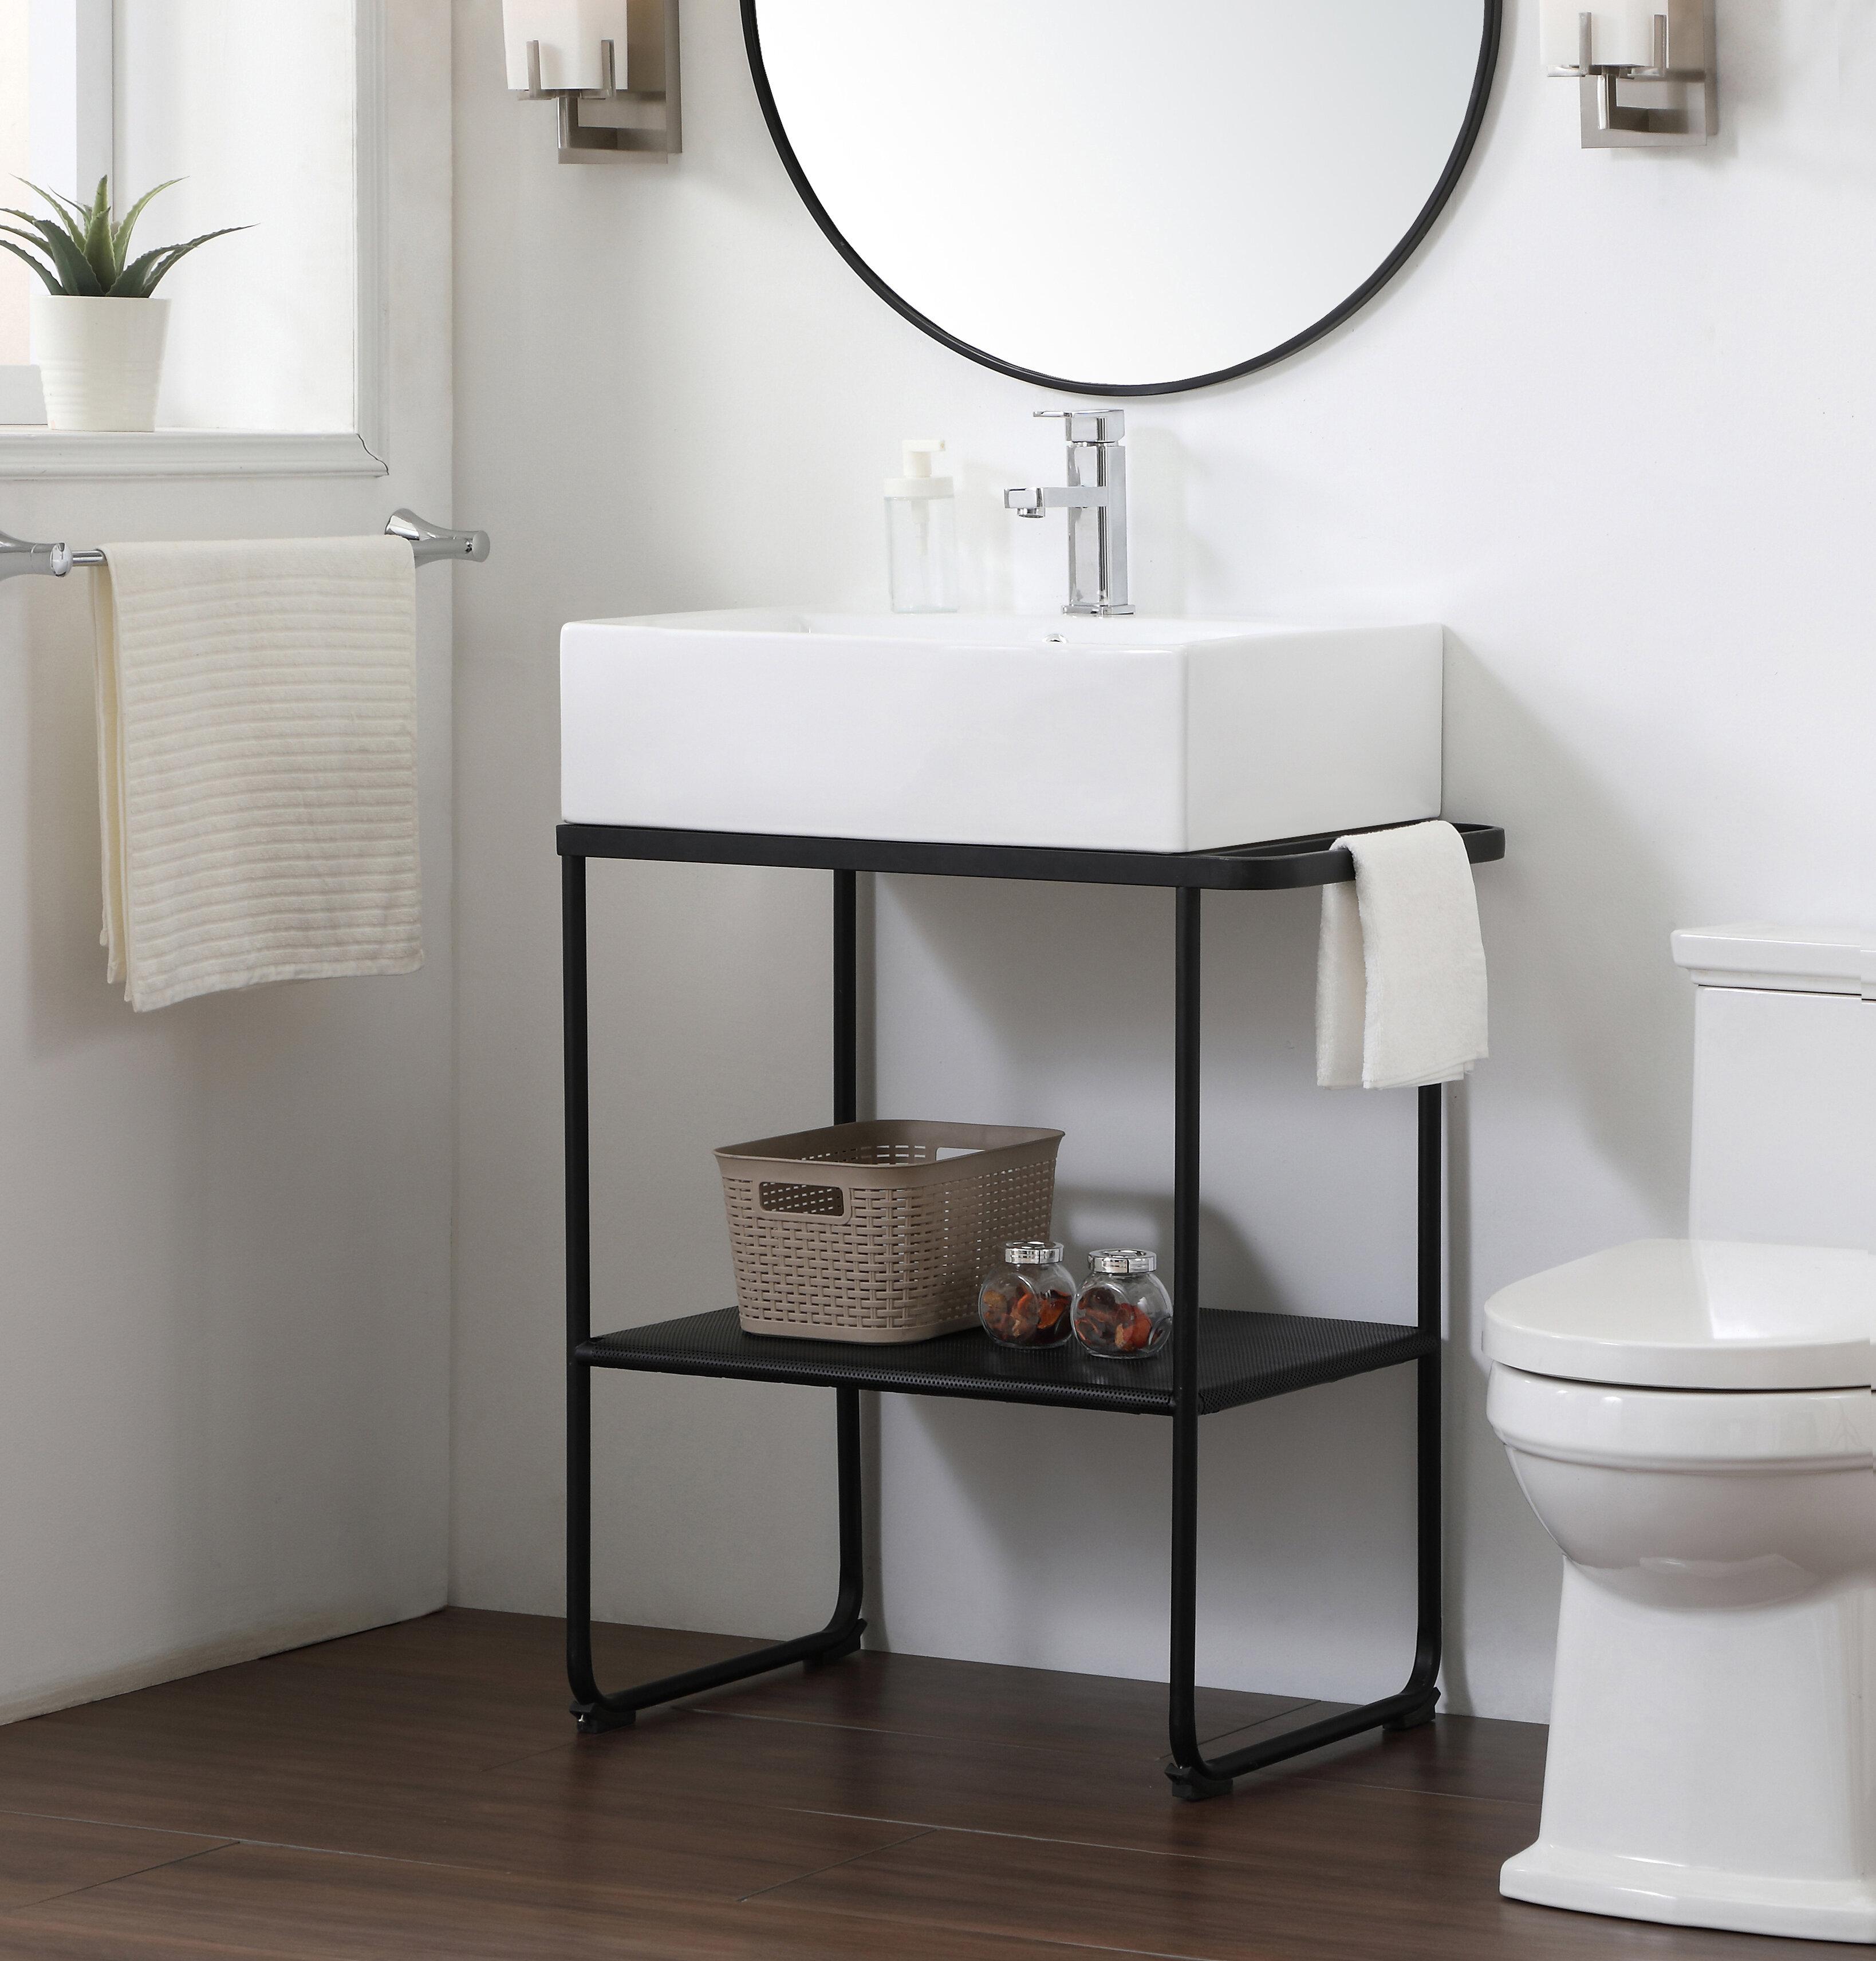 Wrought Studio Lunde 26 Single Bathroom Vanity Set Reviews Wayfair